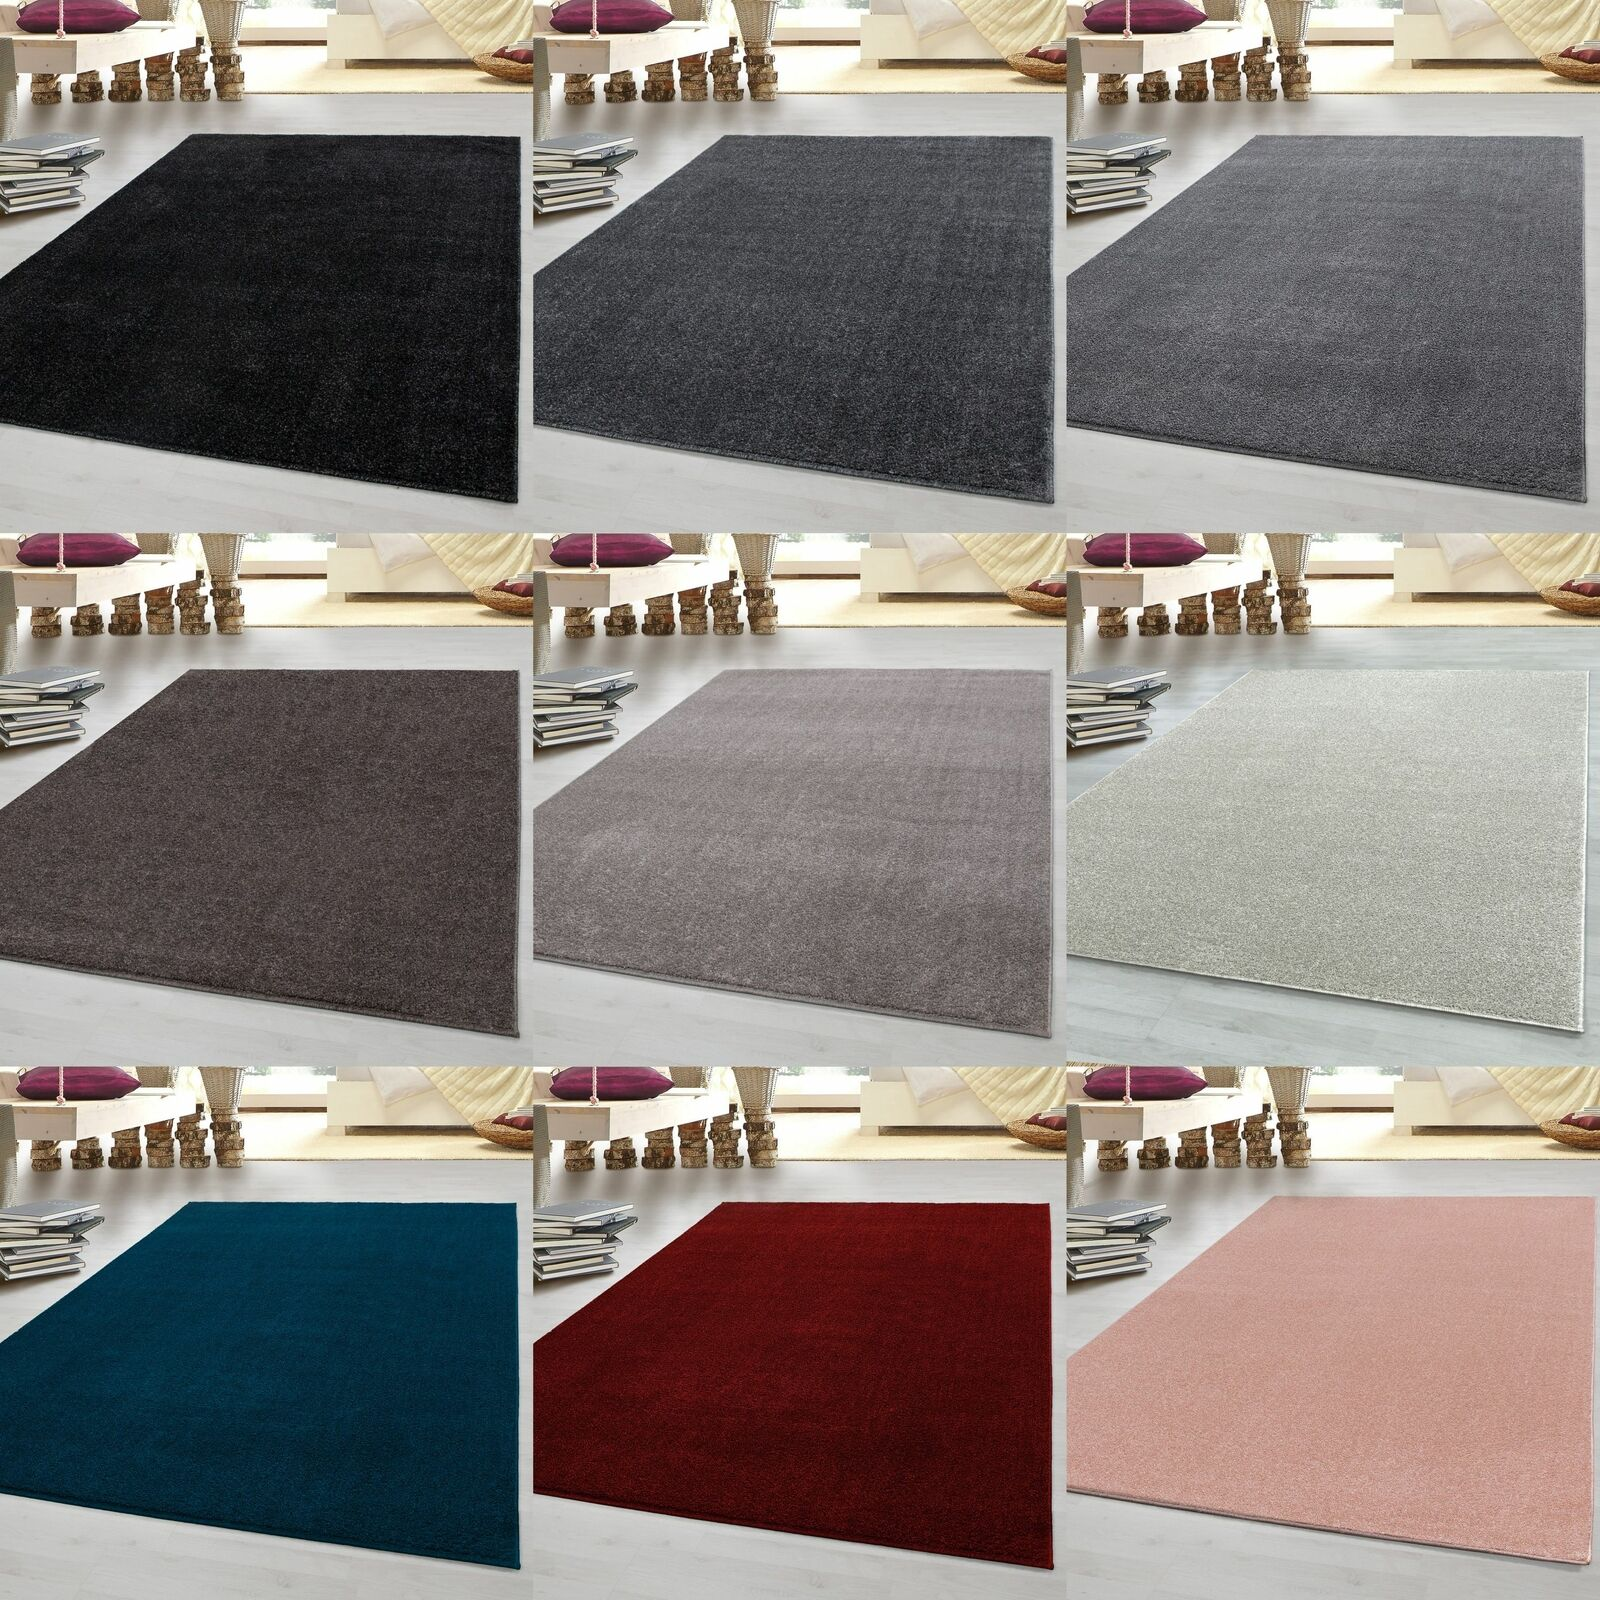 Kurzflor Flachflor Teppich Gabbeh Optik Wohnzimmerteppich Einfarbig 7 Farben